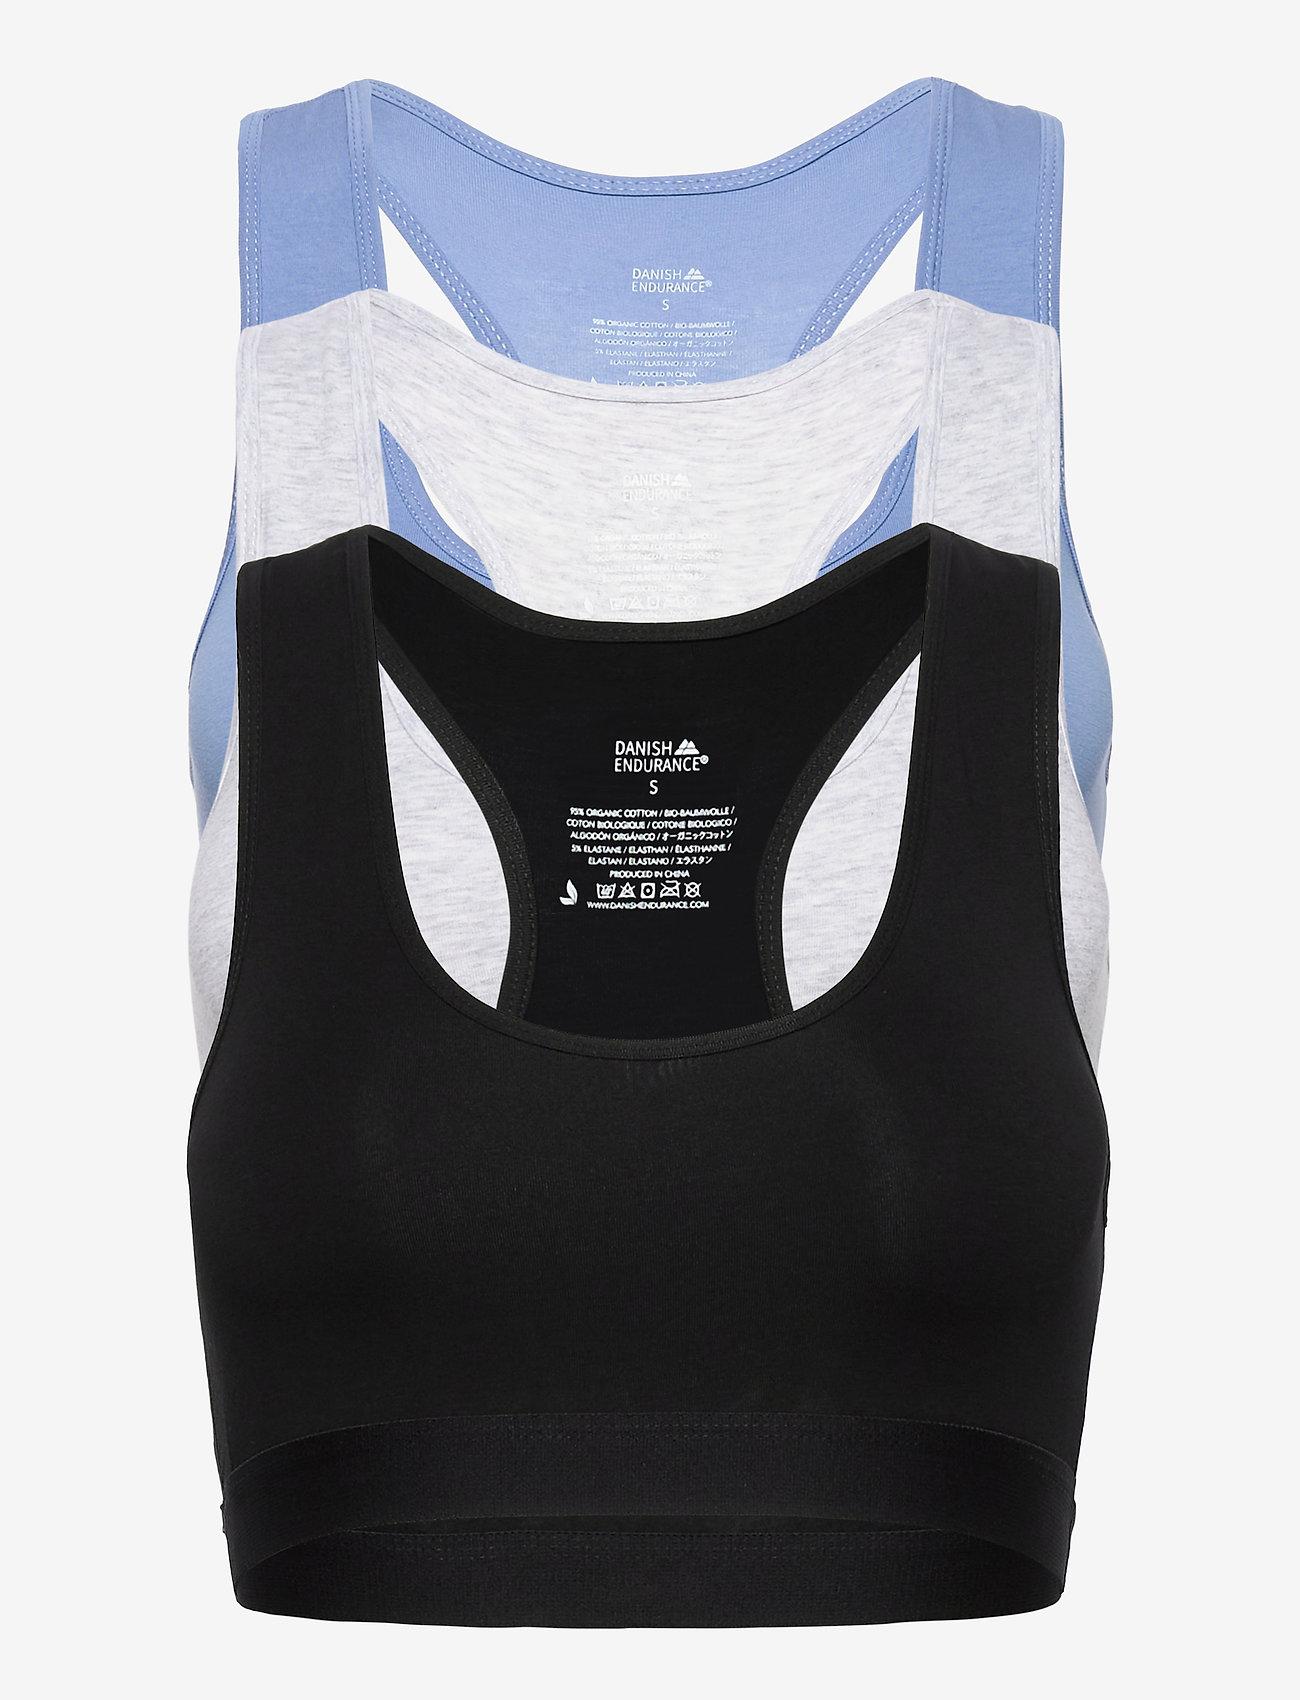 Danish Endurance - Organic Cotton Bralette 3 Pack - zachte beha - multicolor (1x black, 1x grey mélange, 1x light blue) - 0